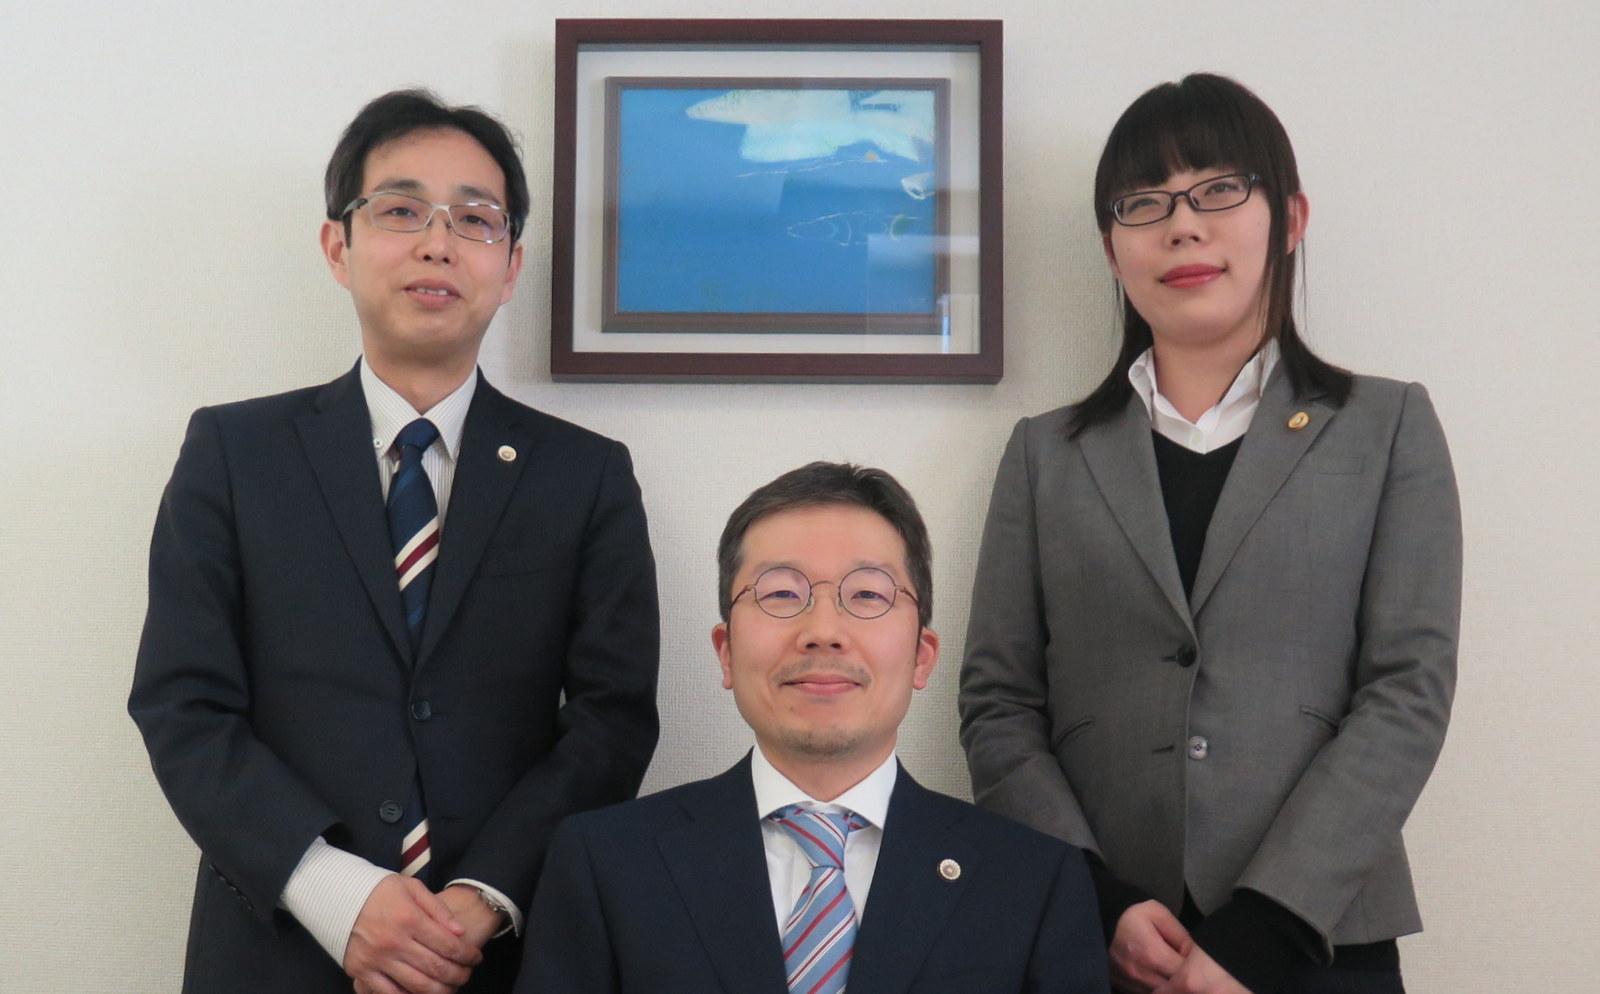 弁護士法人森田法律事務所